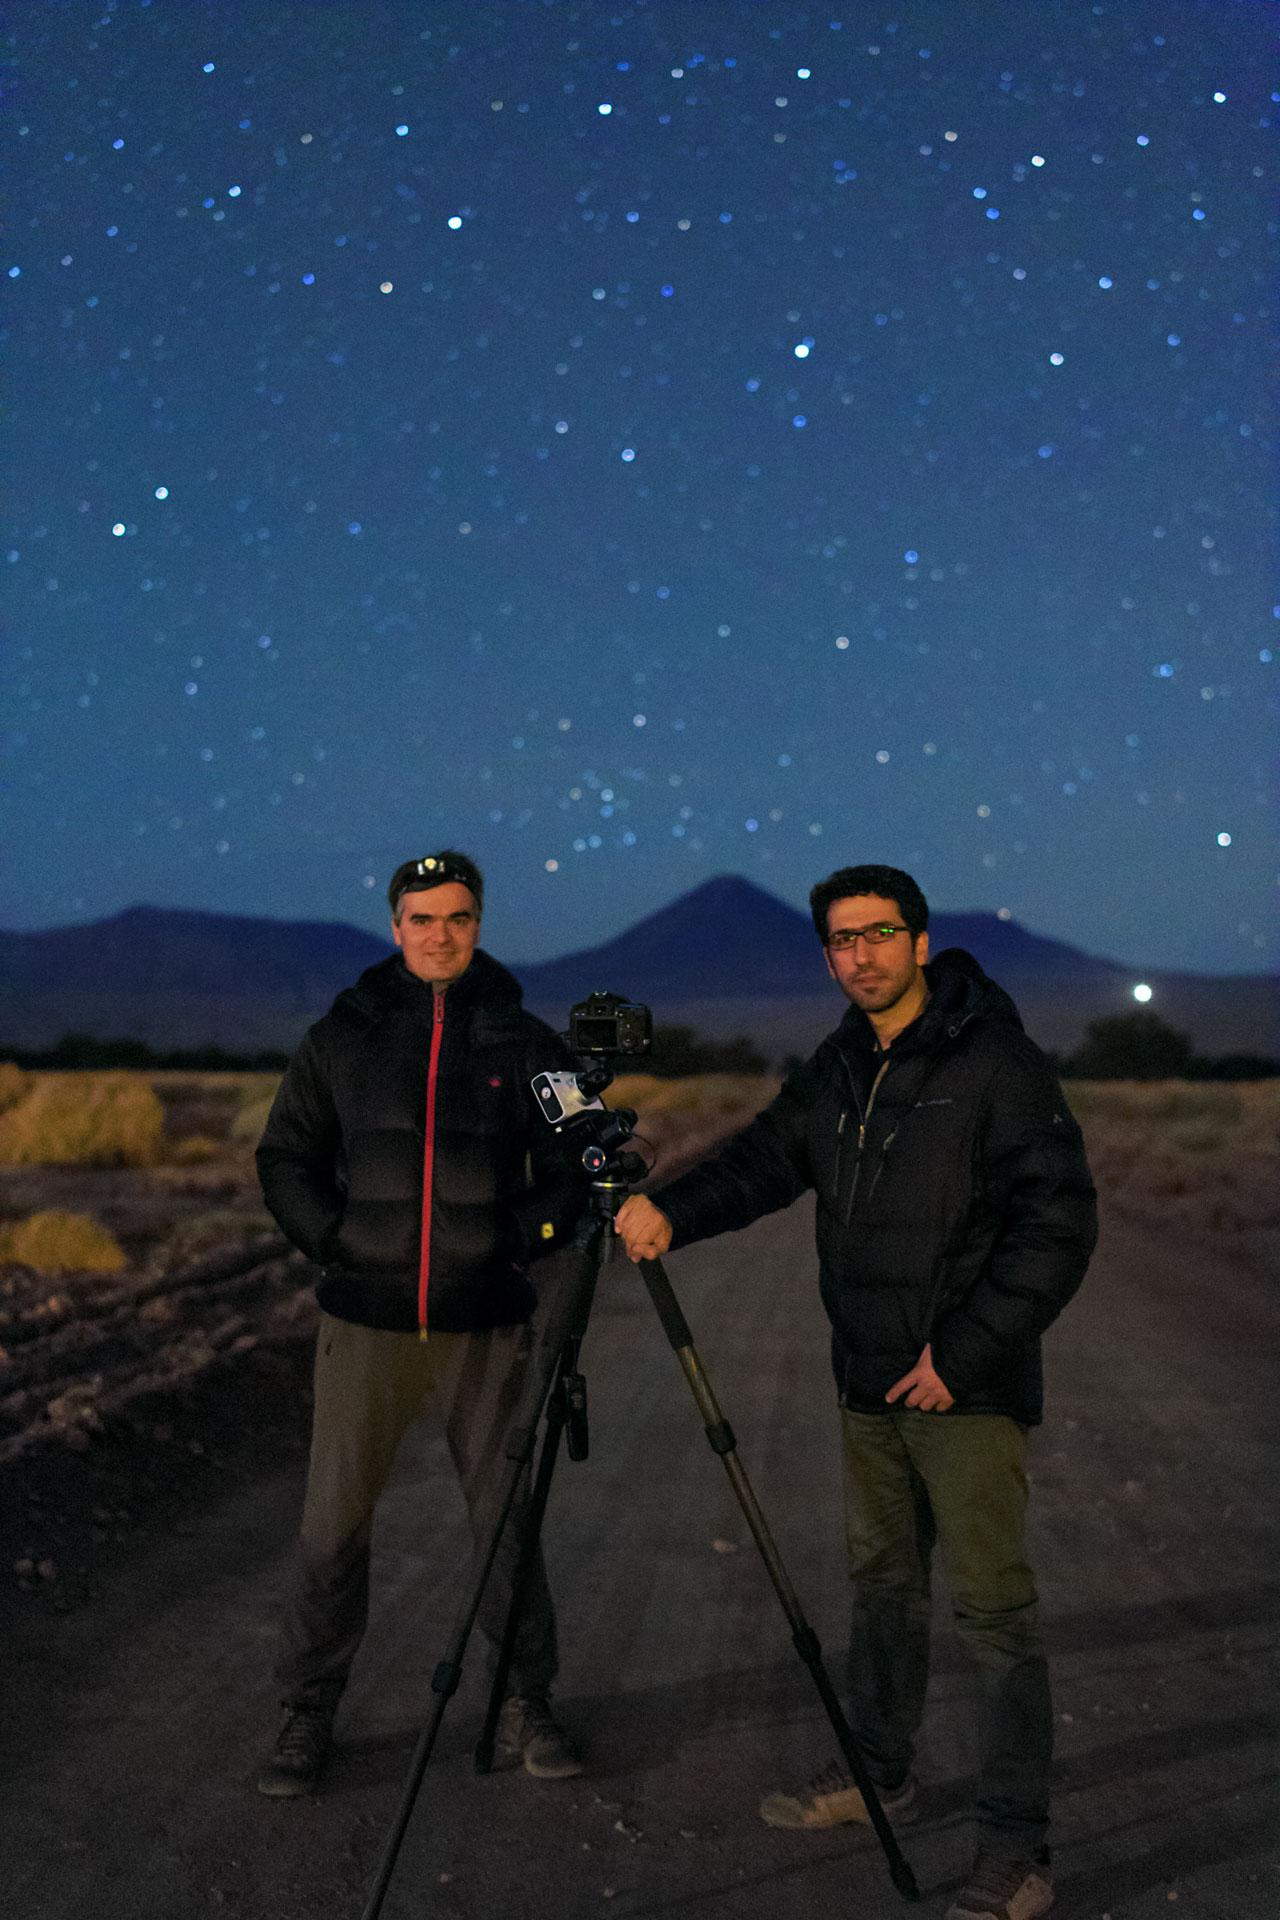 ESO Photo Ambassadors at Chajnantor